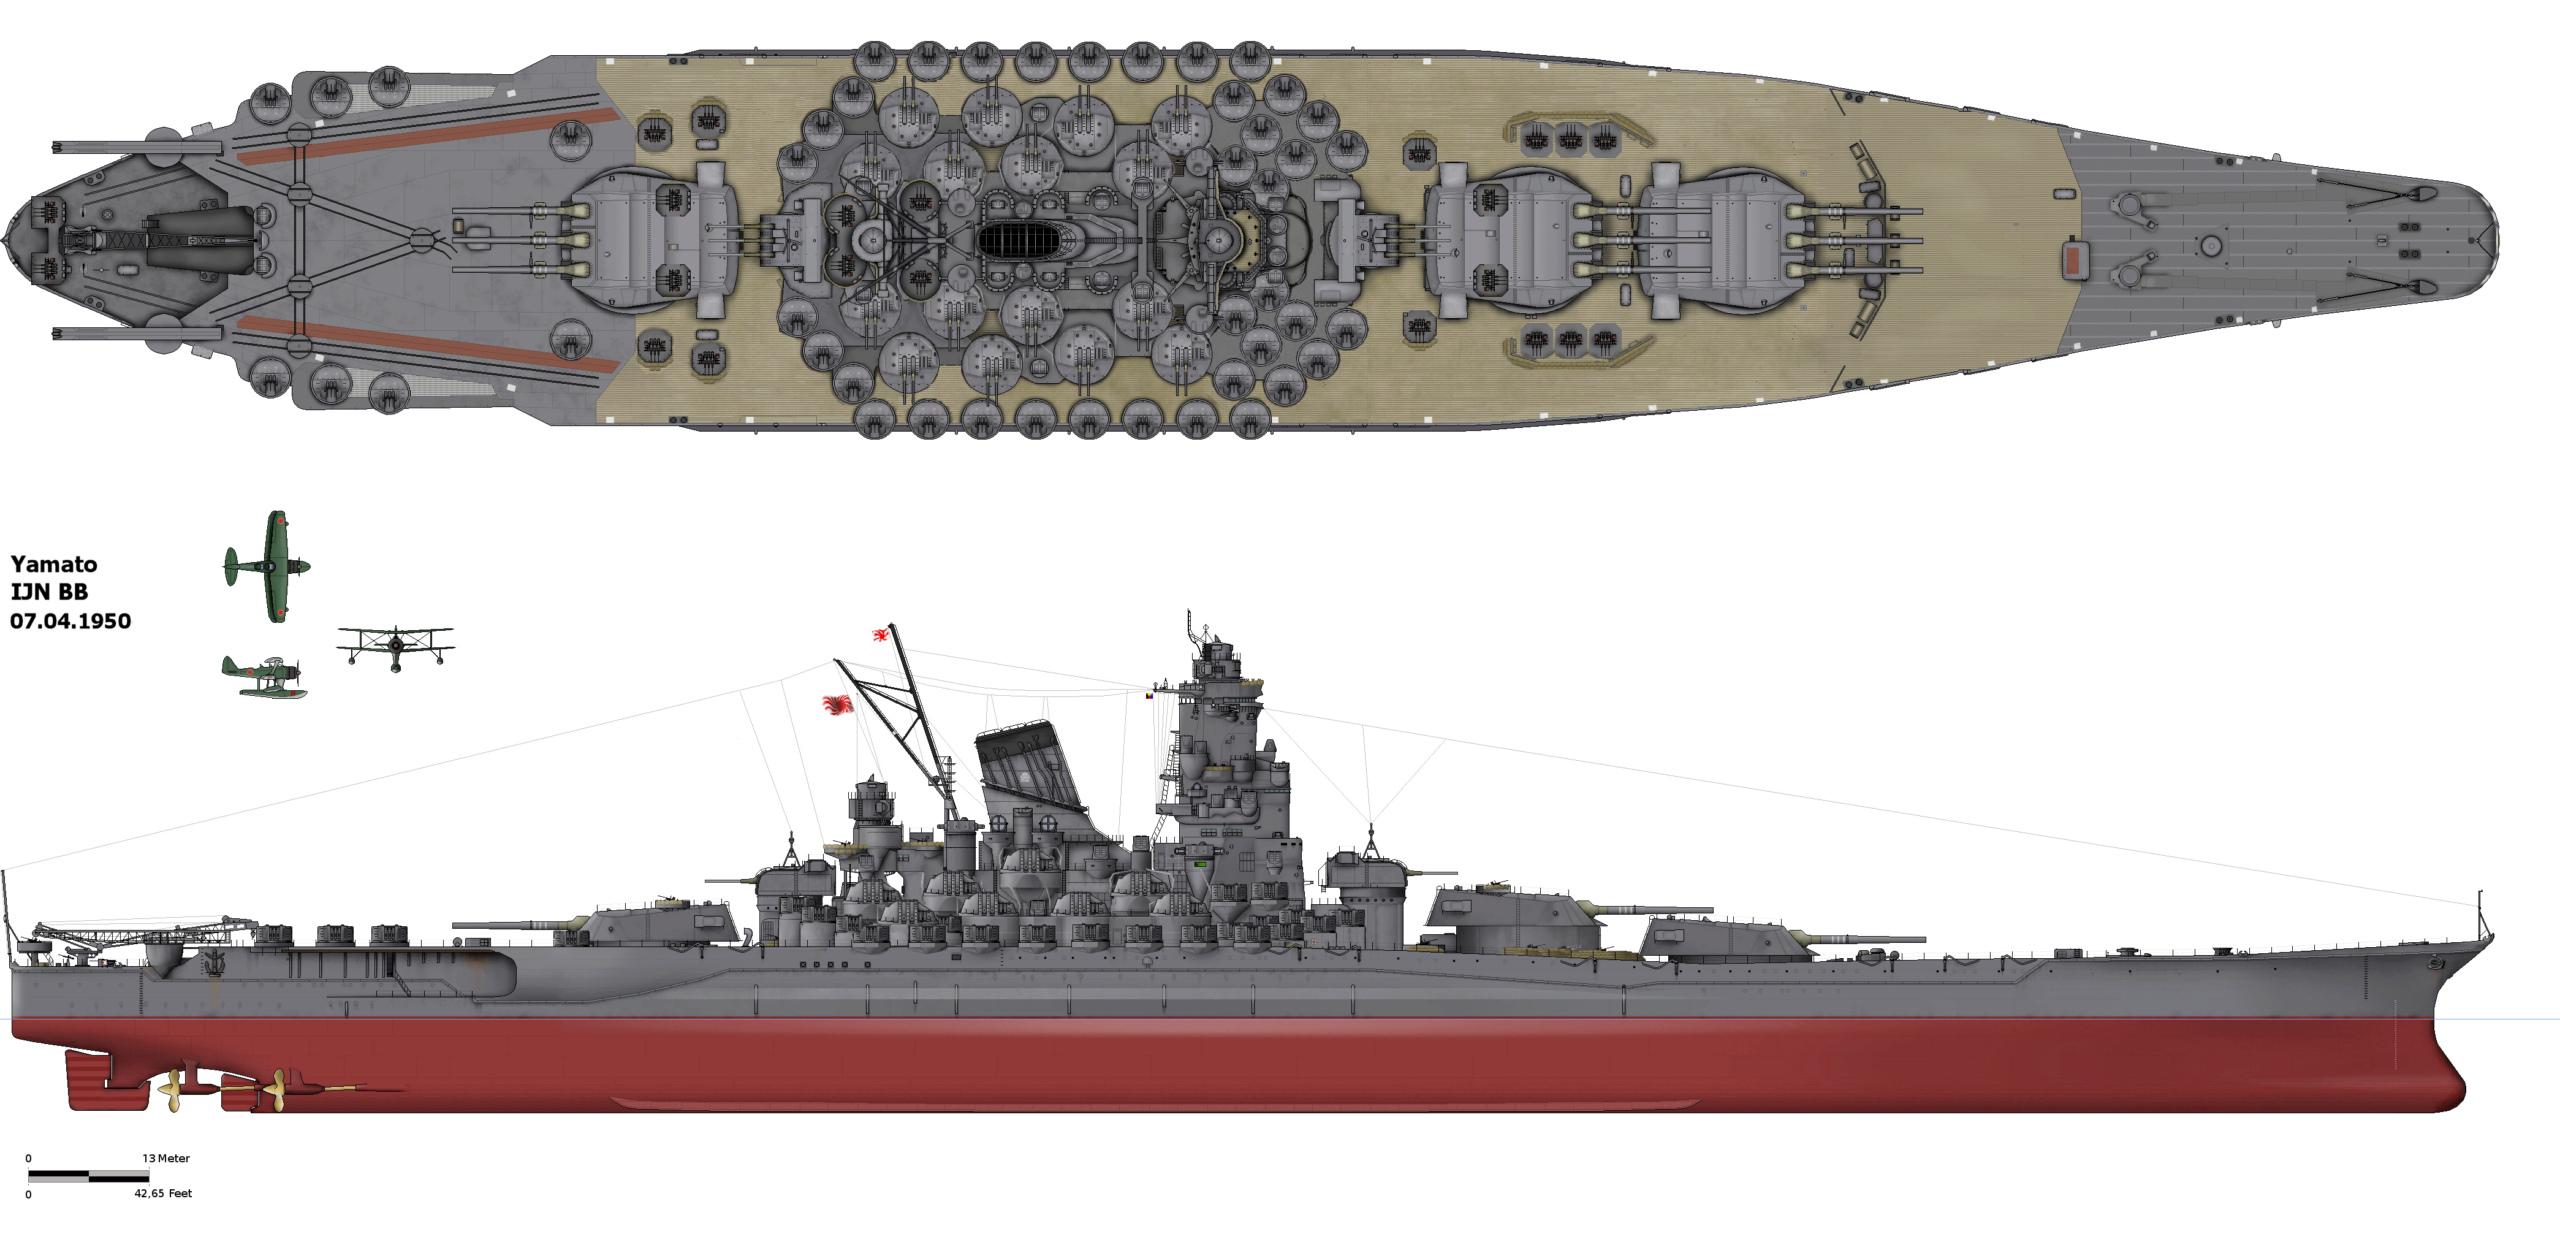 [Uchronie] IJN Yamato 1955 au 1/200 (Nichimo, Fujimi et Scratch) - Page 3 Yamato11